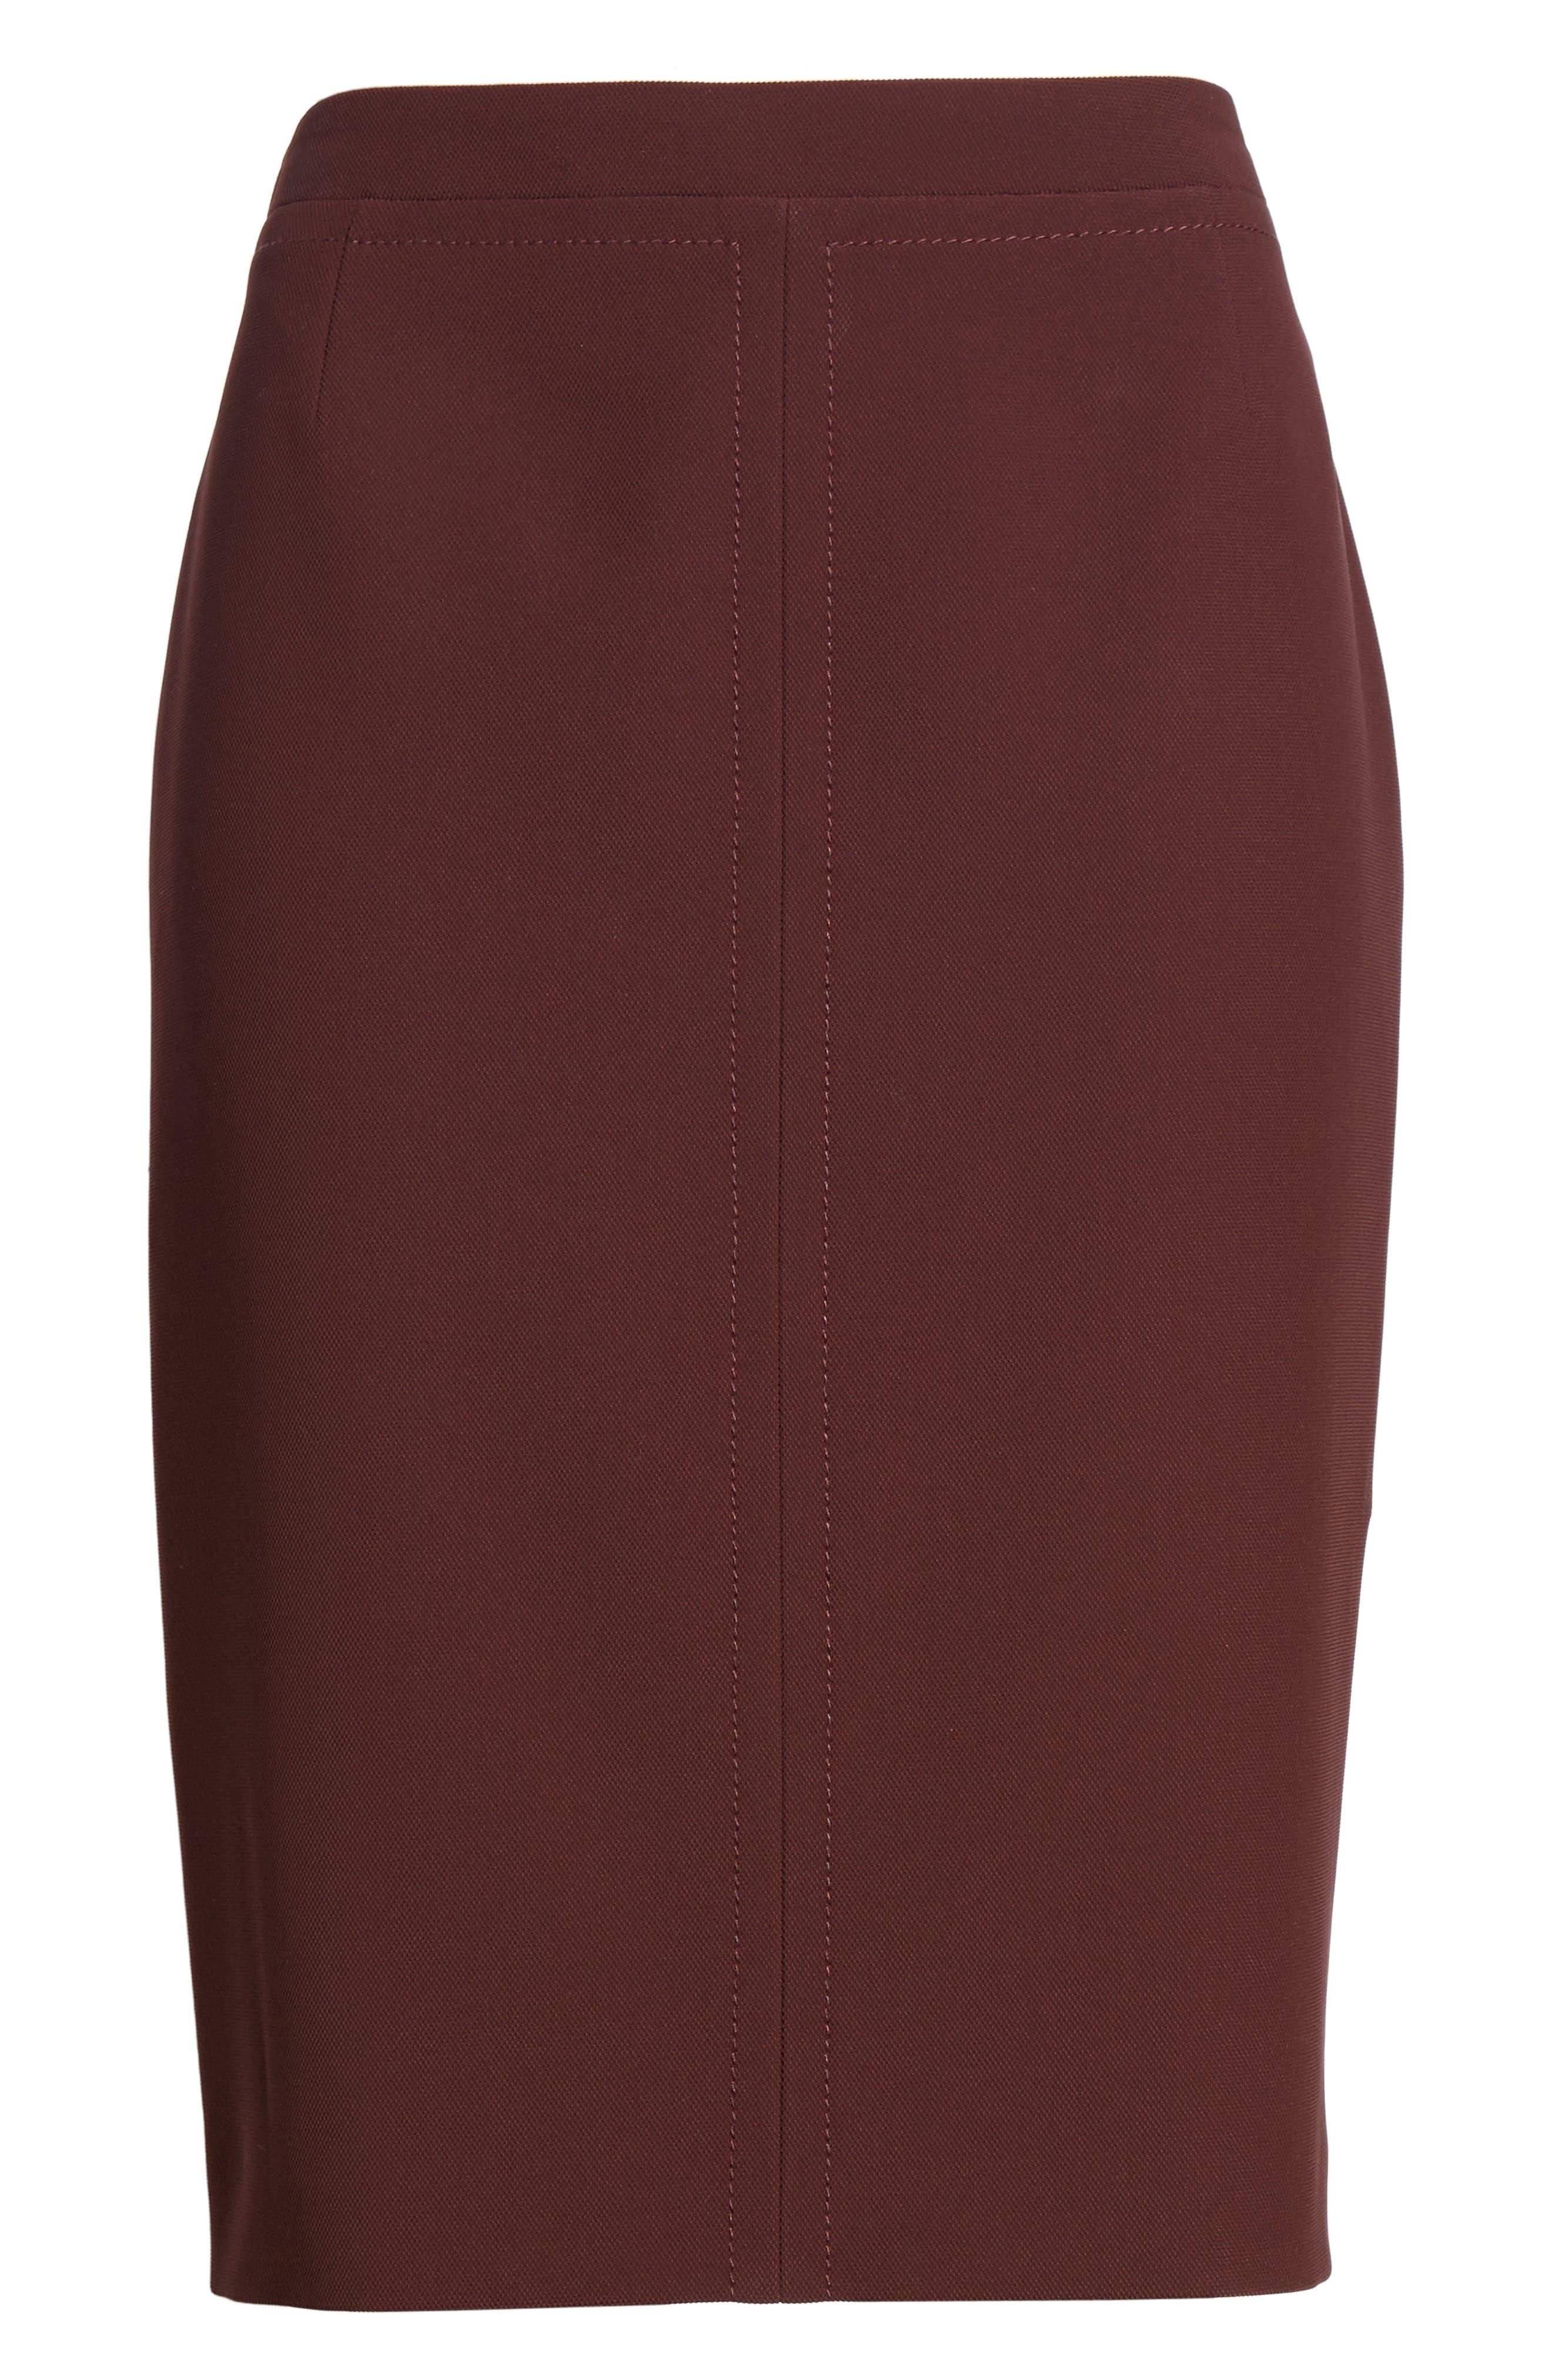 Vuriona Suit Skirt,                             Alternate thumbnail 6, color,                             602